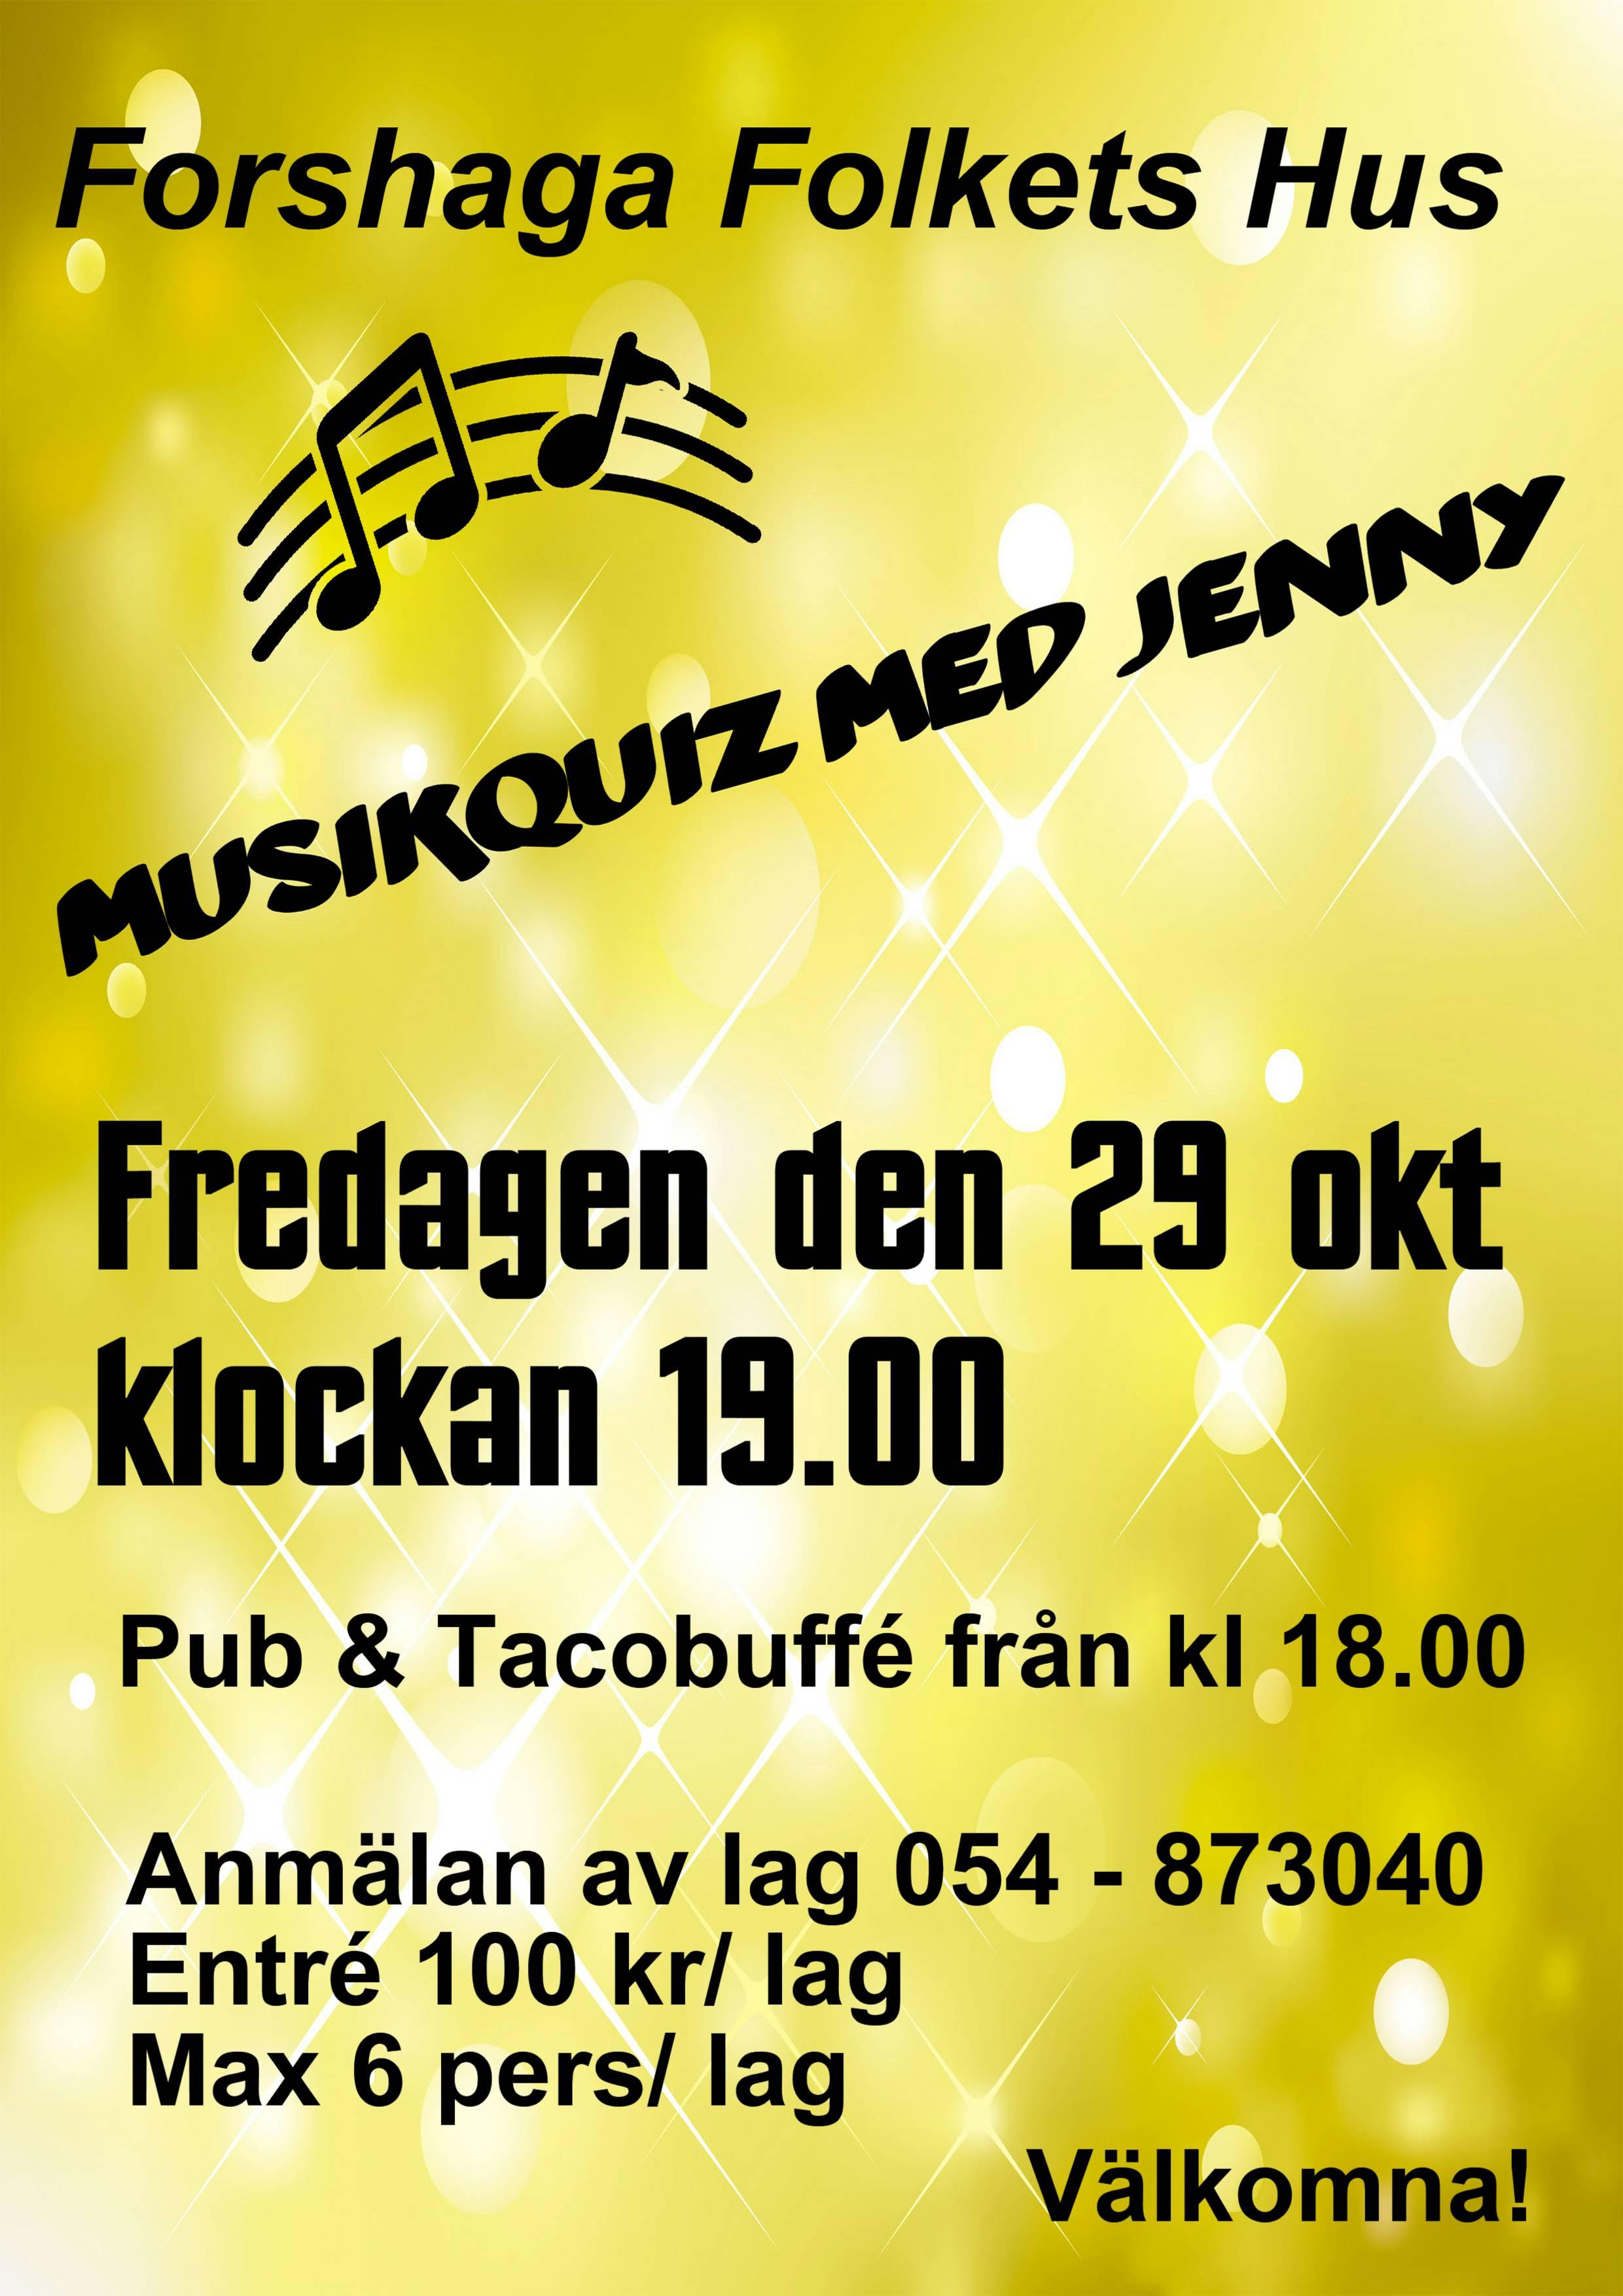 musikquiz 29 okt (002)